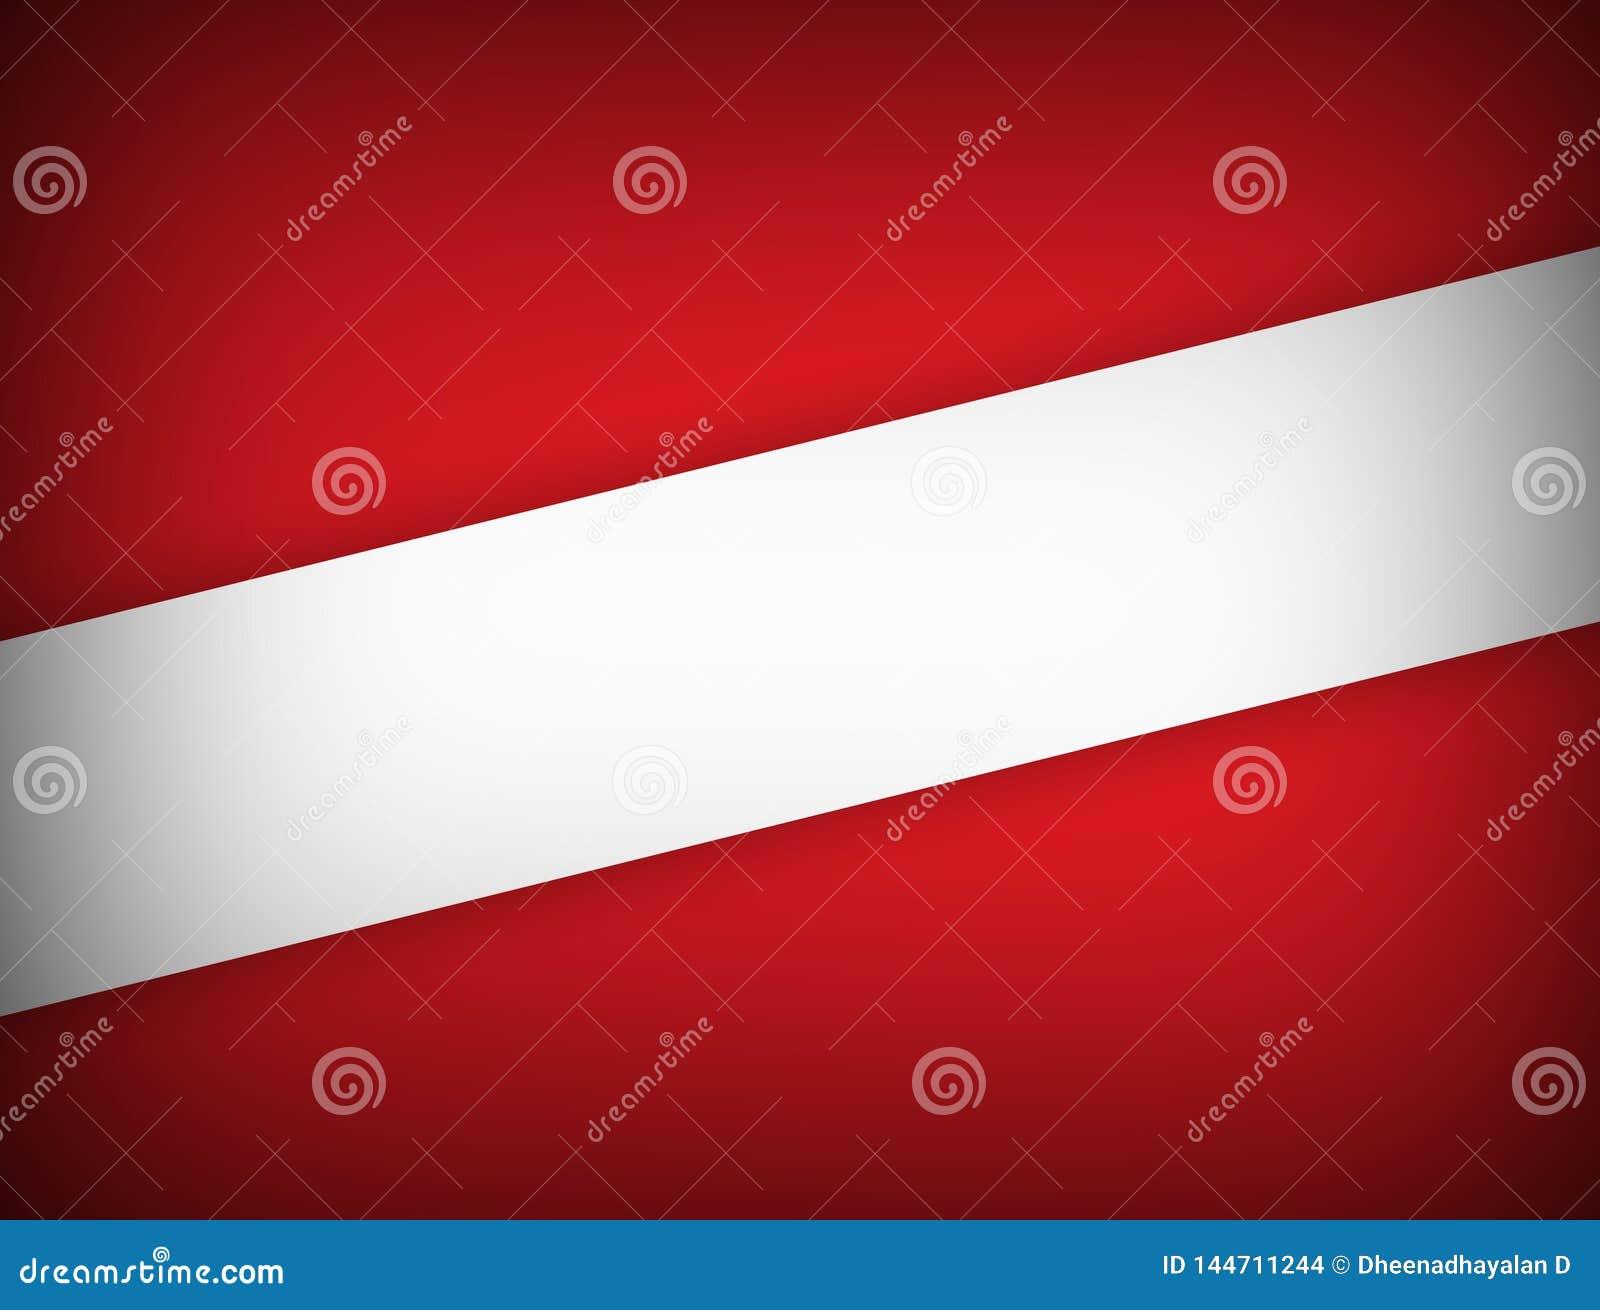 Rood en wit kleuren geometrisch abstract modern ontwerp als achtergrond met exemplaar ruimte Vectorillustratie